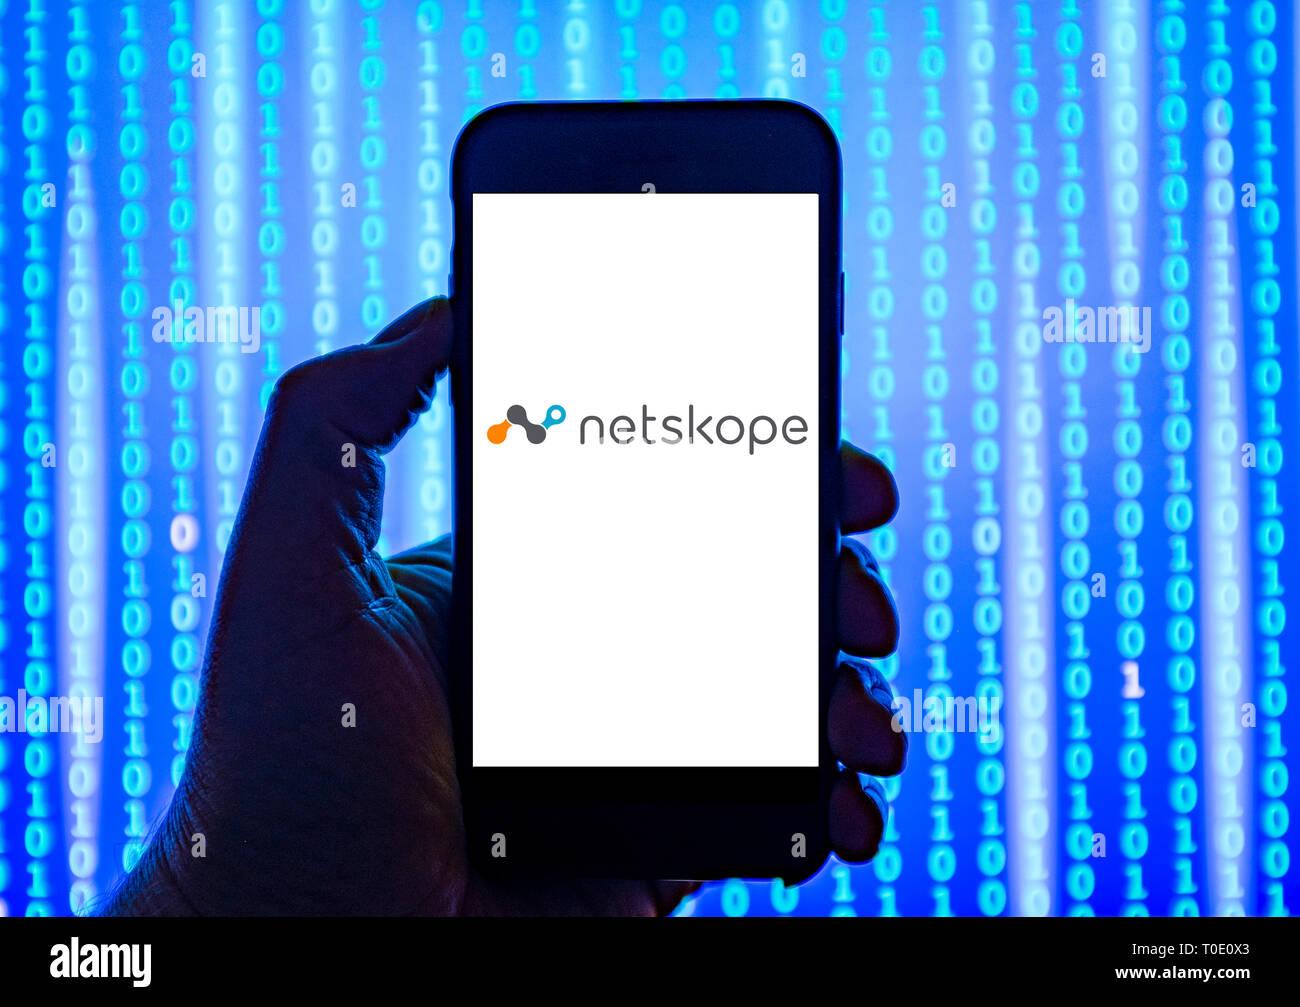 Personne tenant smart phone avec netskope logiciel cloud security logo affiché sur l'écran. Photo Stock